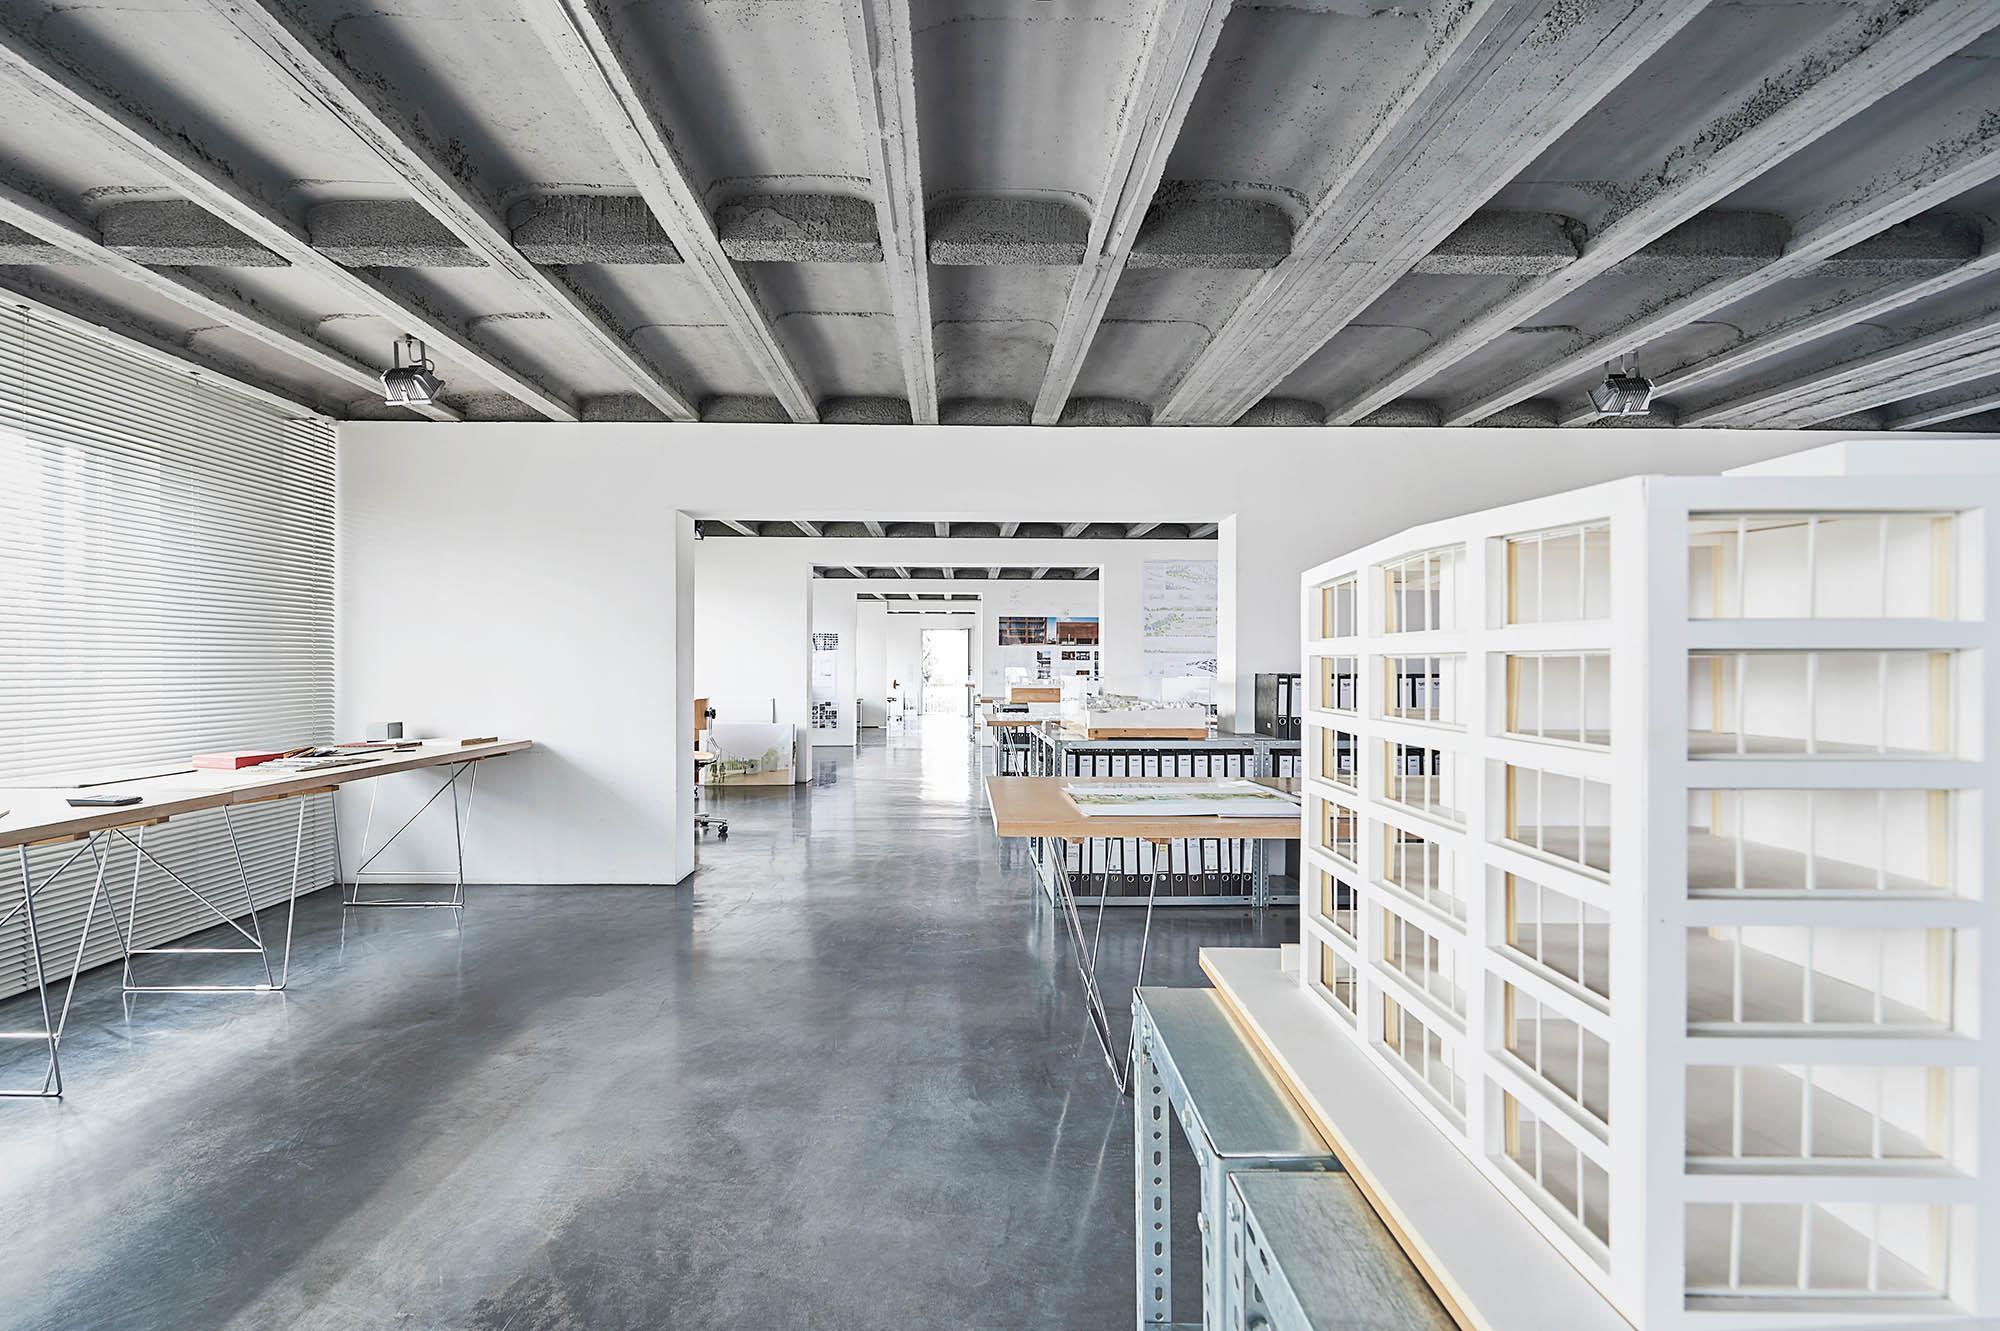 Schneider3113 1 klein - Hartwig Schneider Architekten: Fotografie Architekturbüro